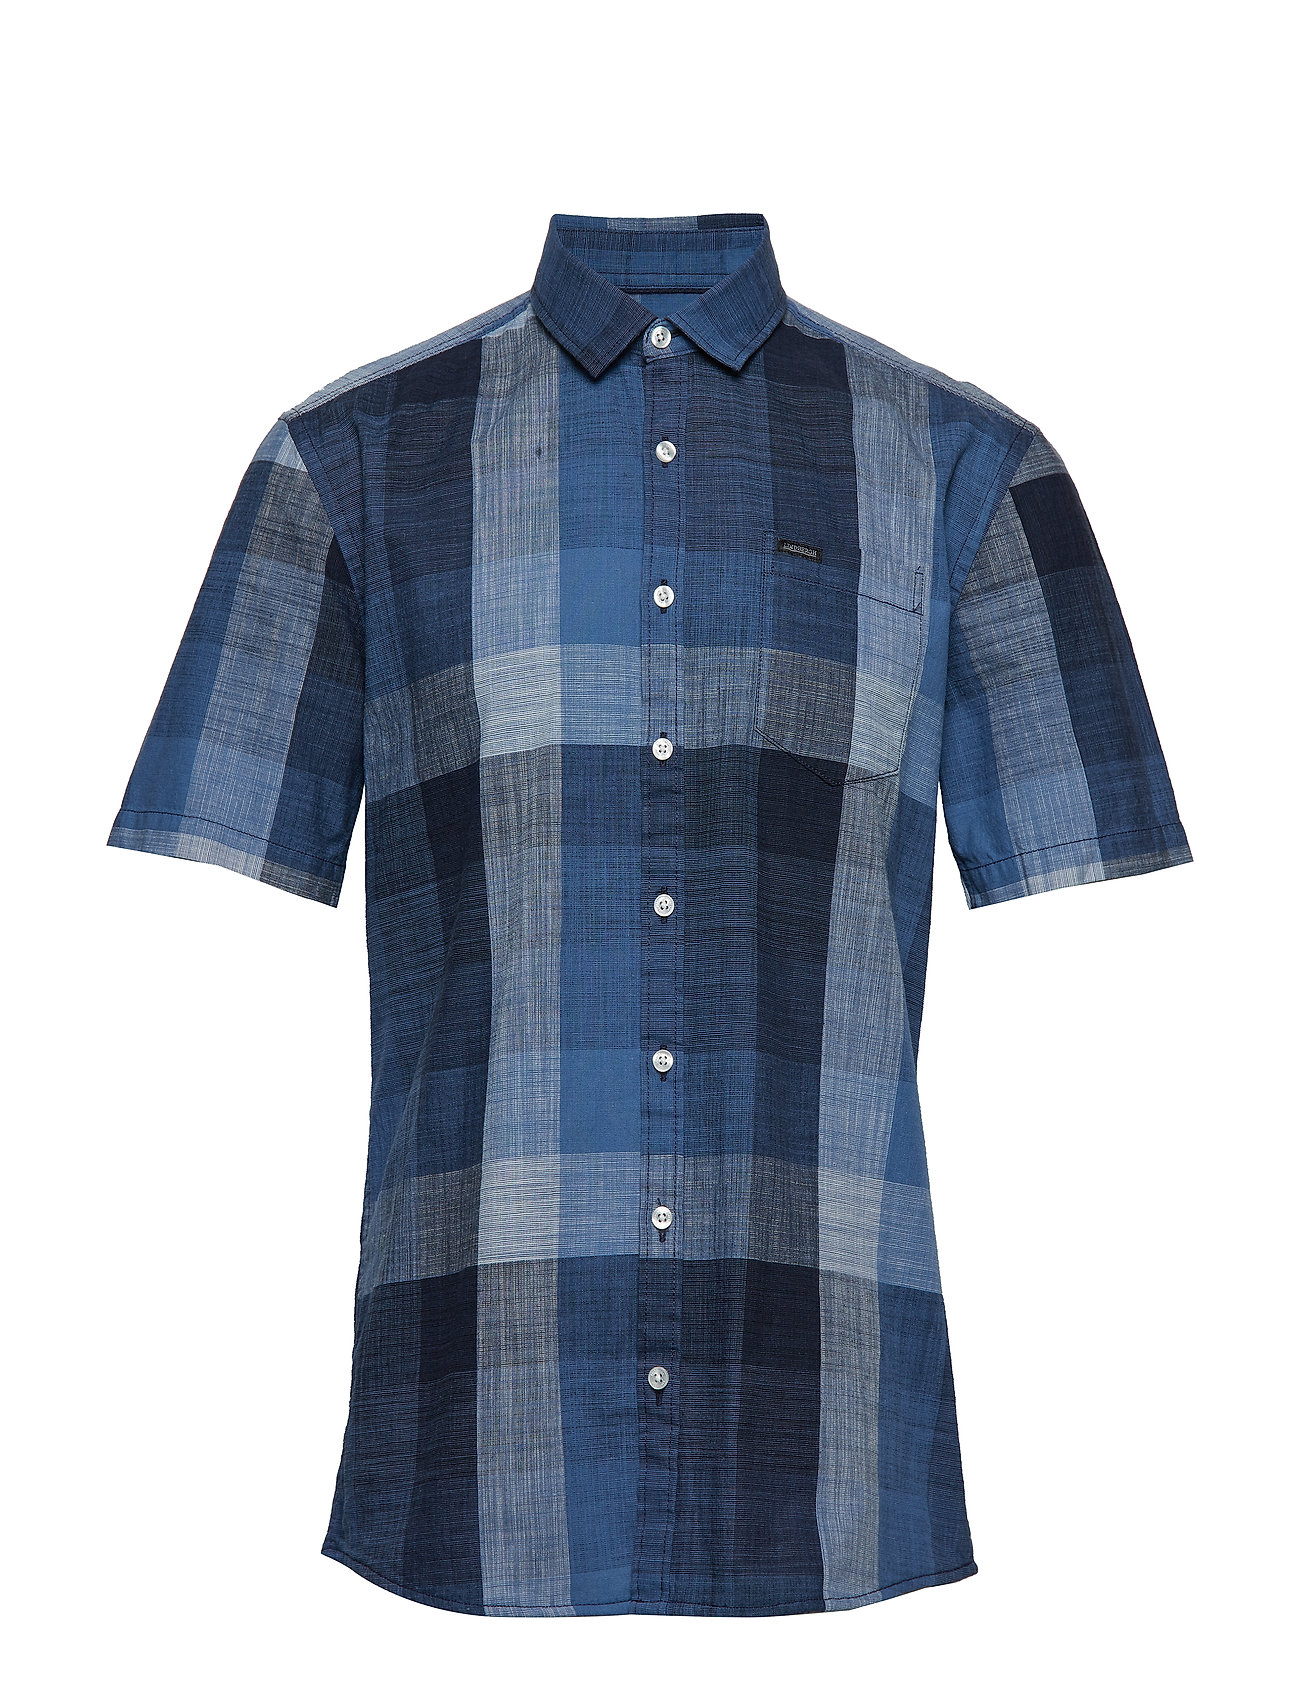 Lindbergh Check shirt S/S - BLUE